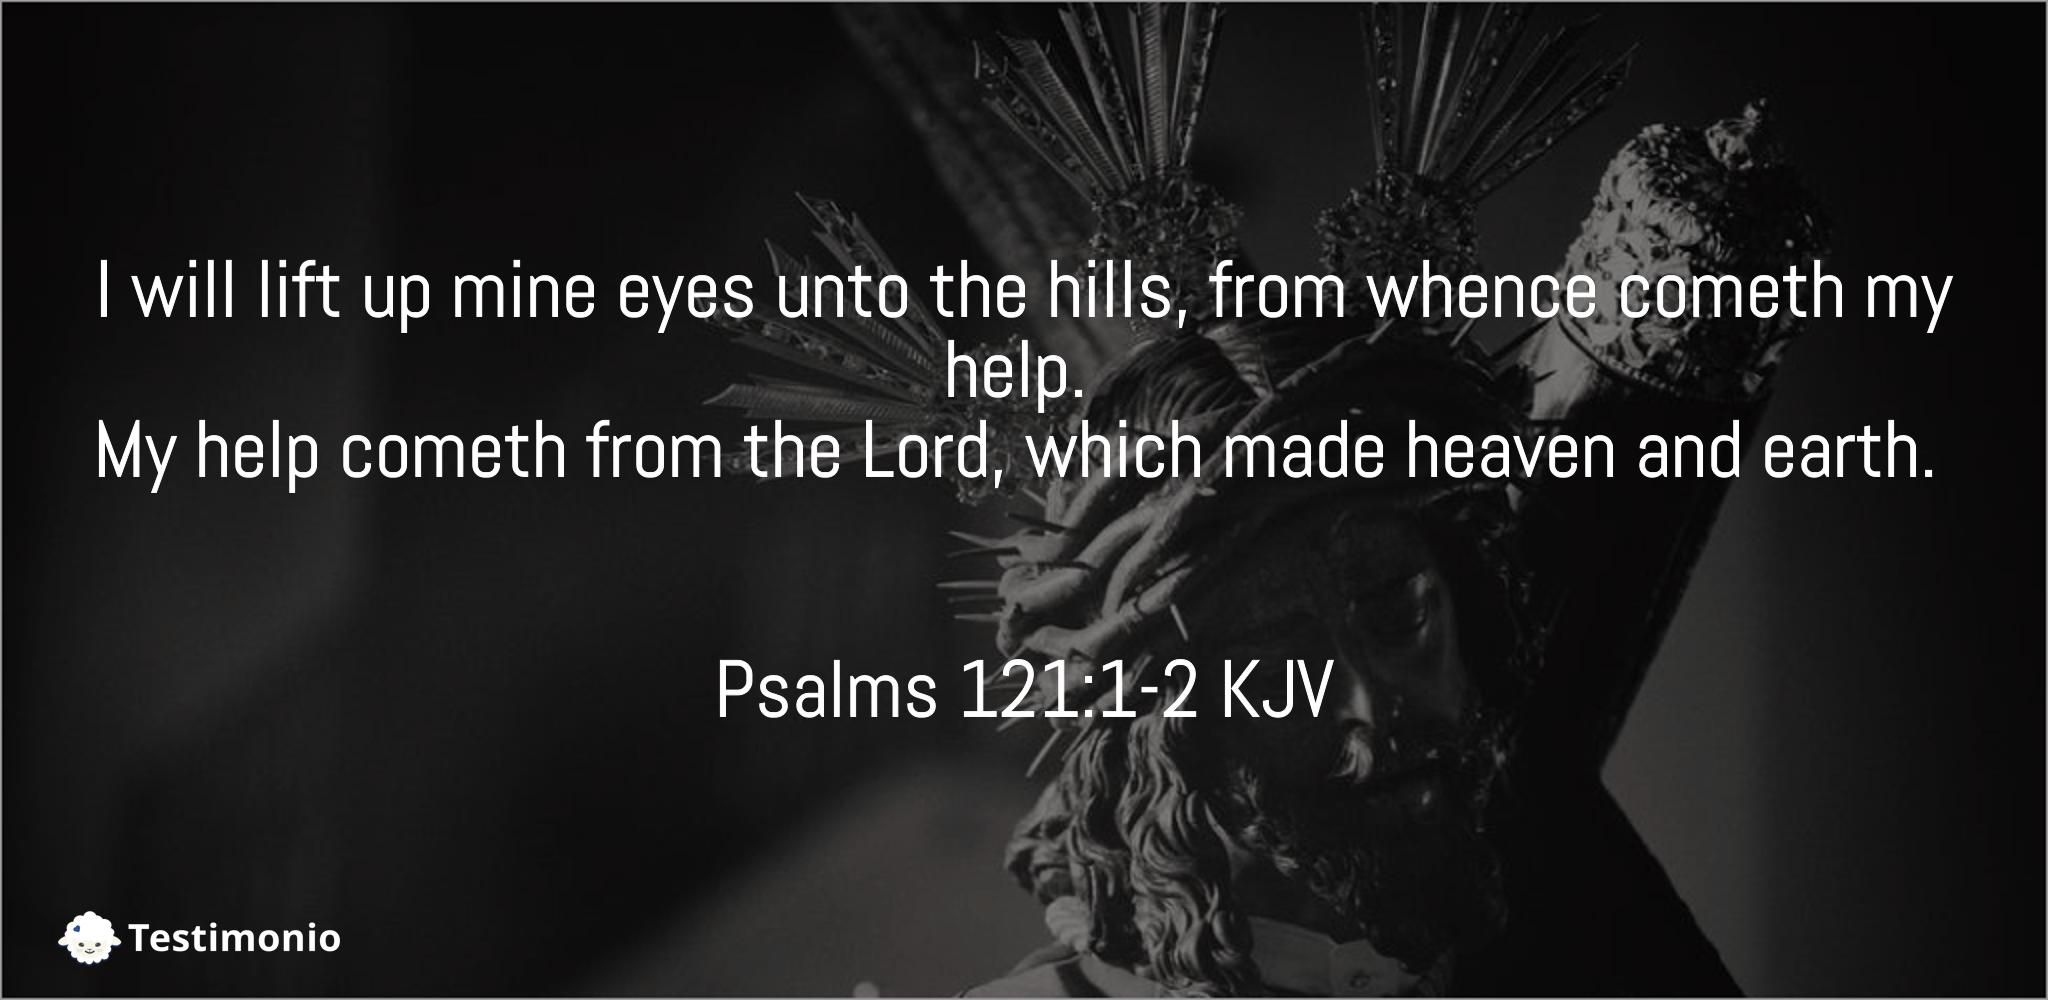 Psalms 121:1-2